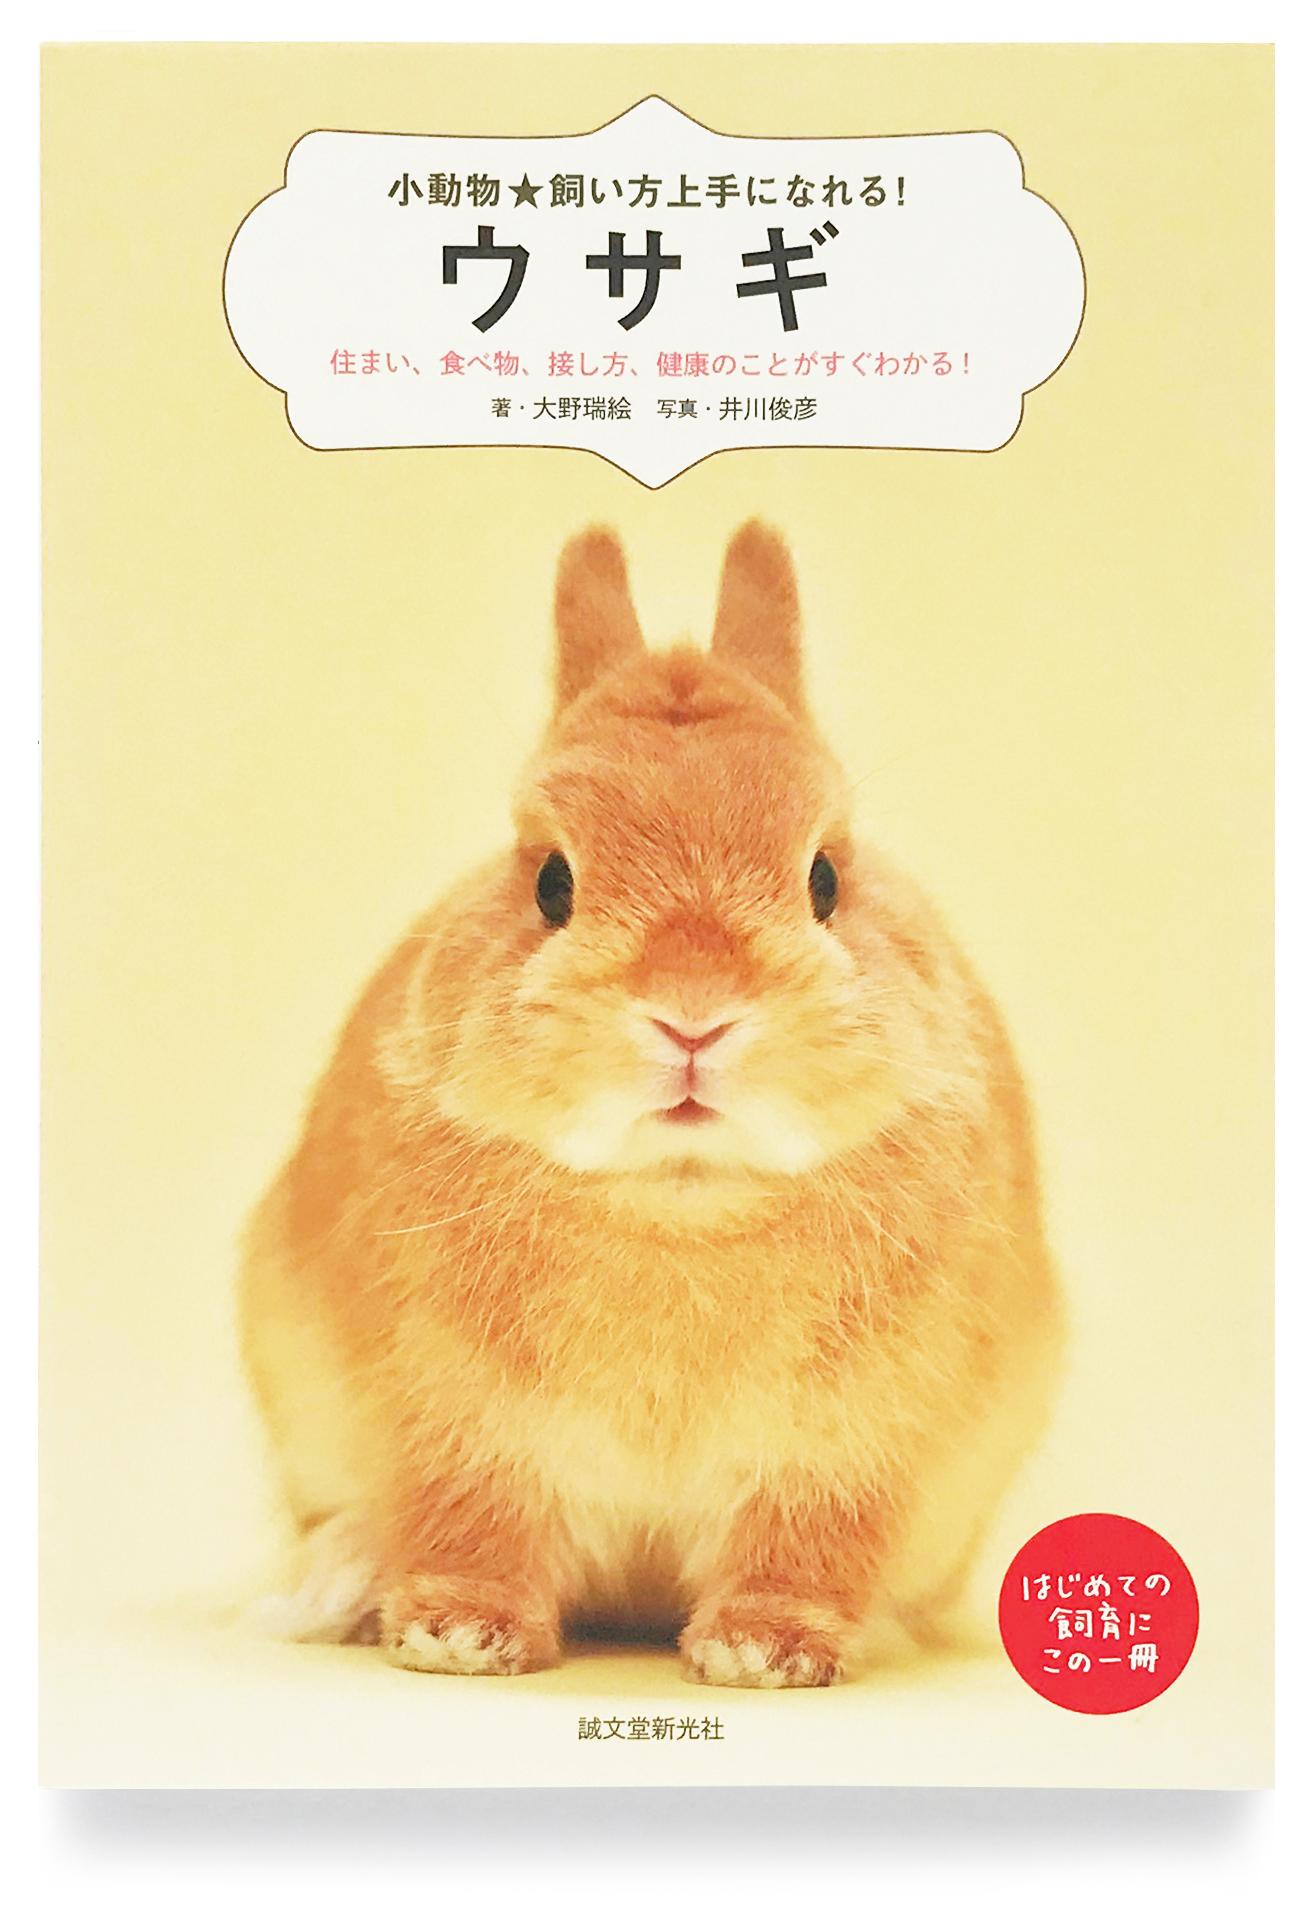 『小動物☆飼い方上手になれる!「ウサギ」』